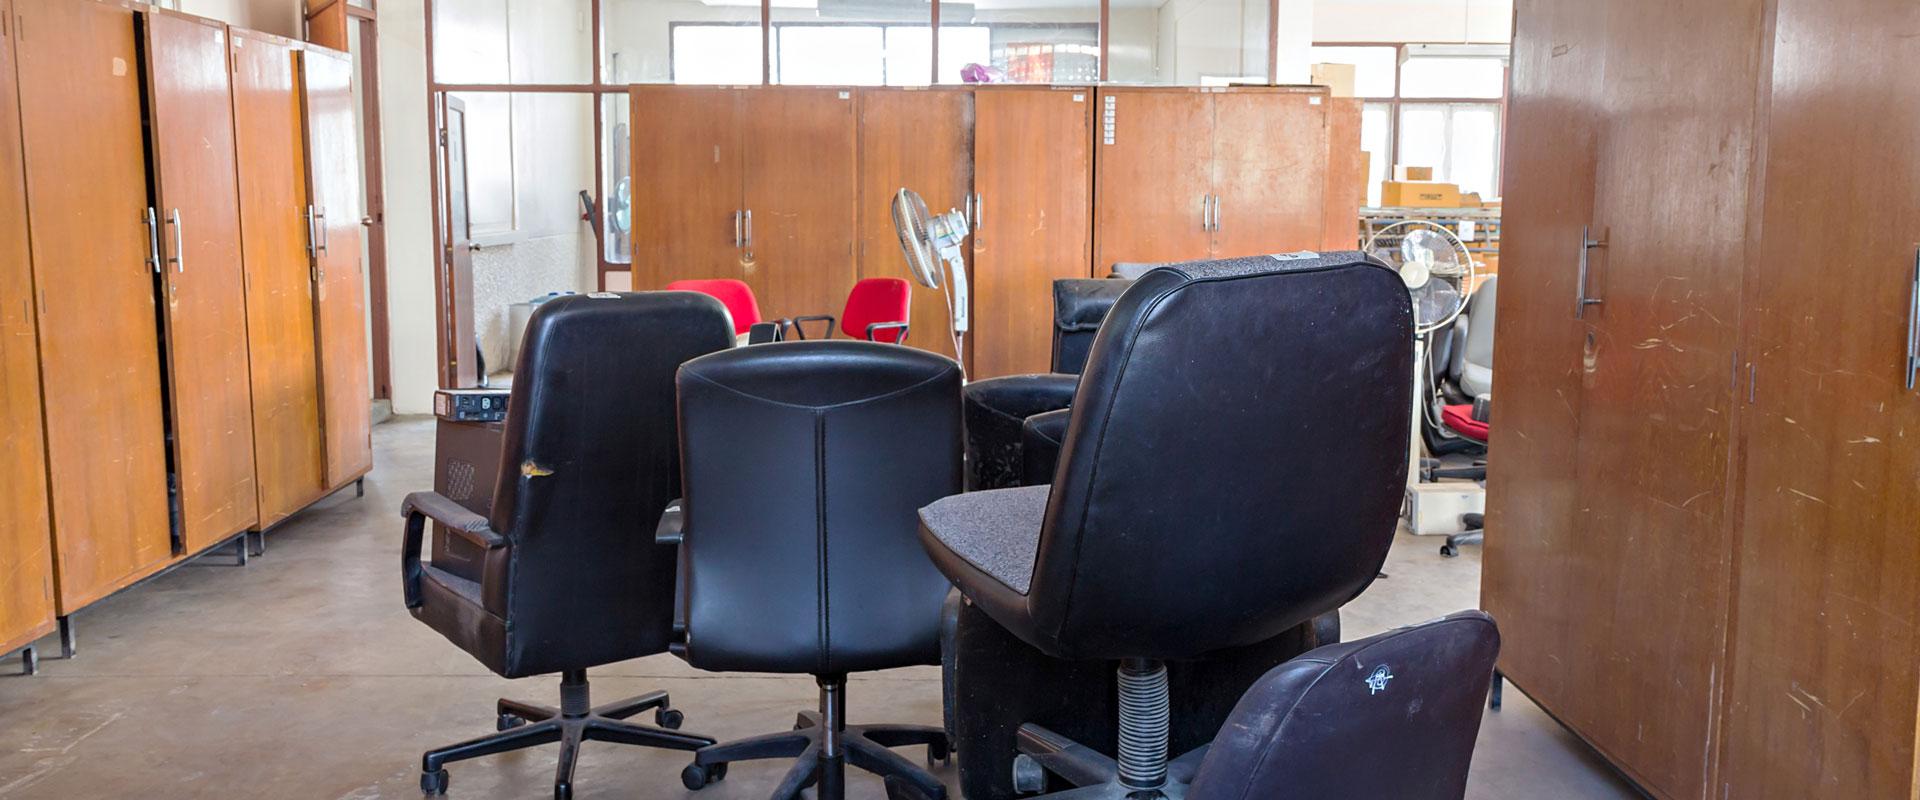 Got Office Junk to Dump?